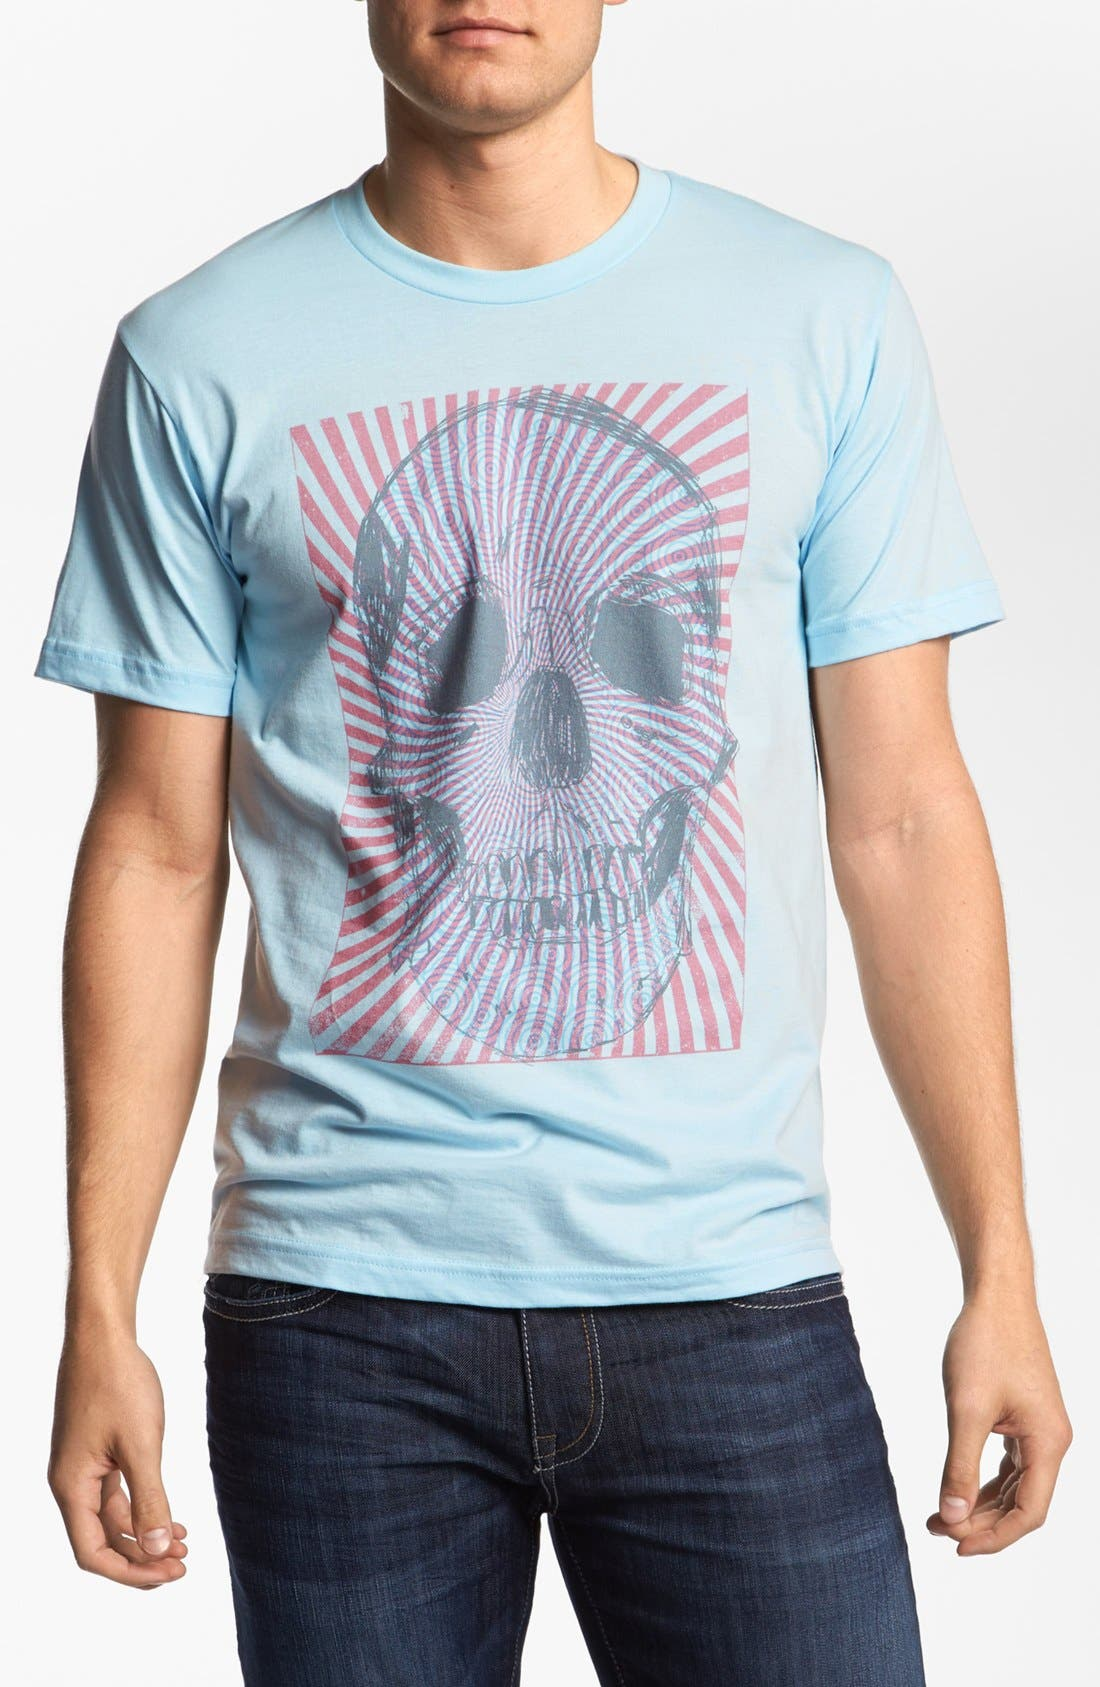 Alternate Image 1 Selected - The Poster List 'Swirl Skull' T-Shirt